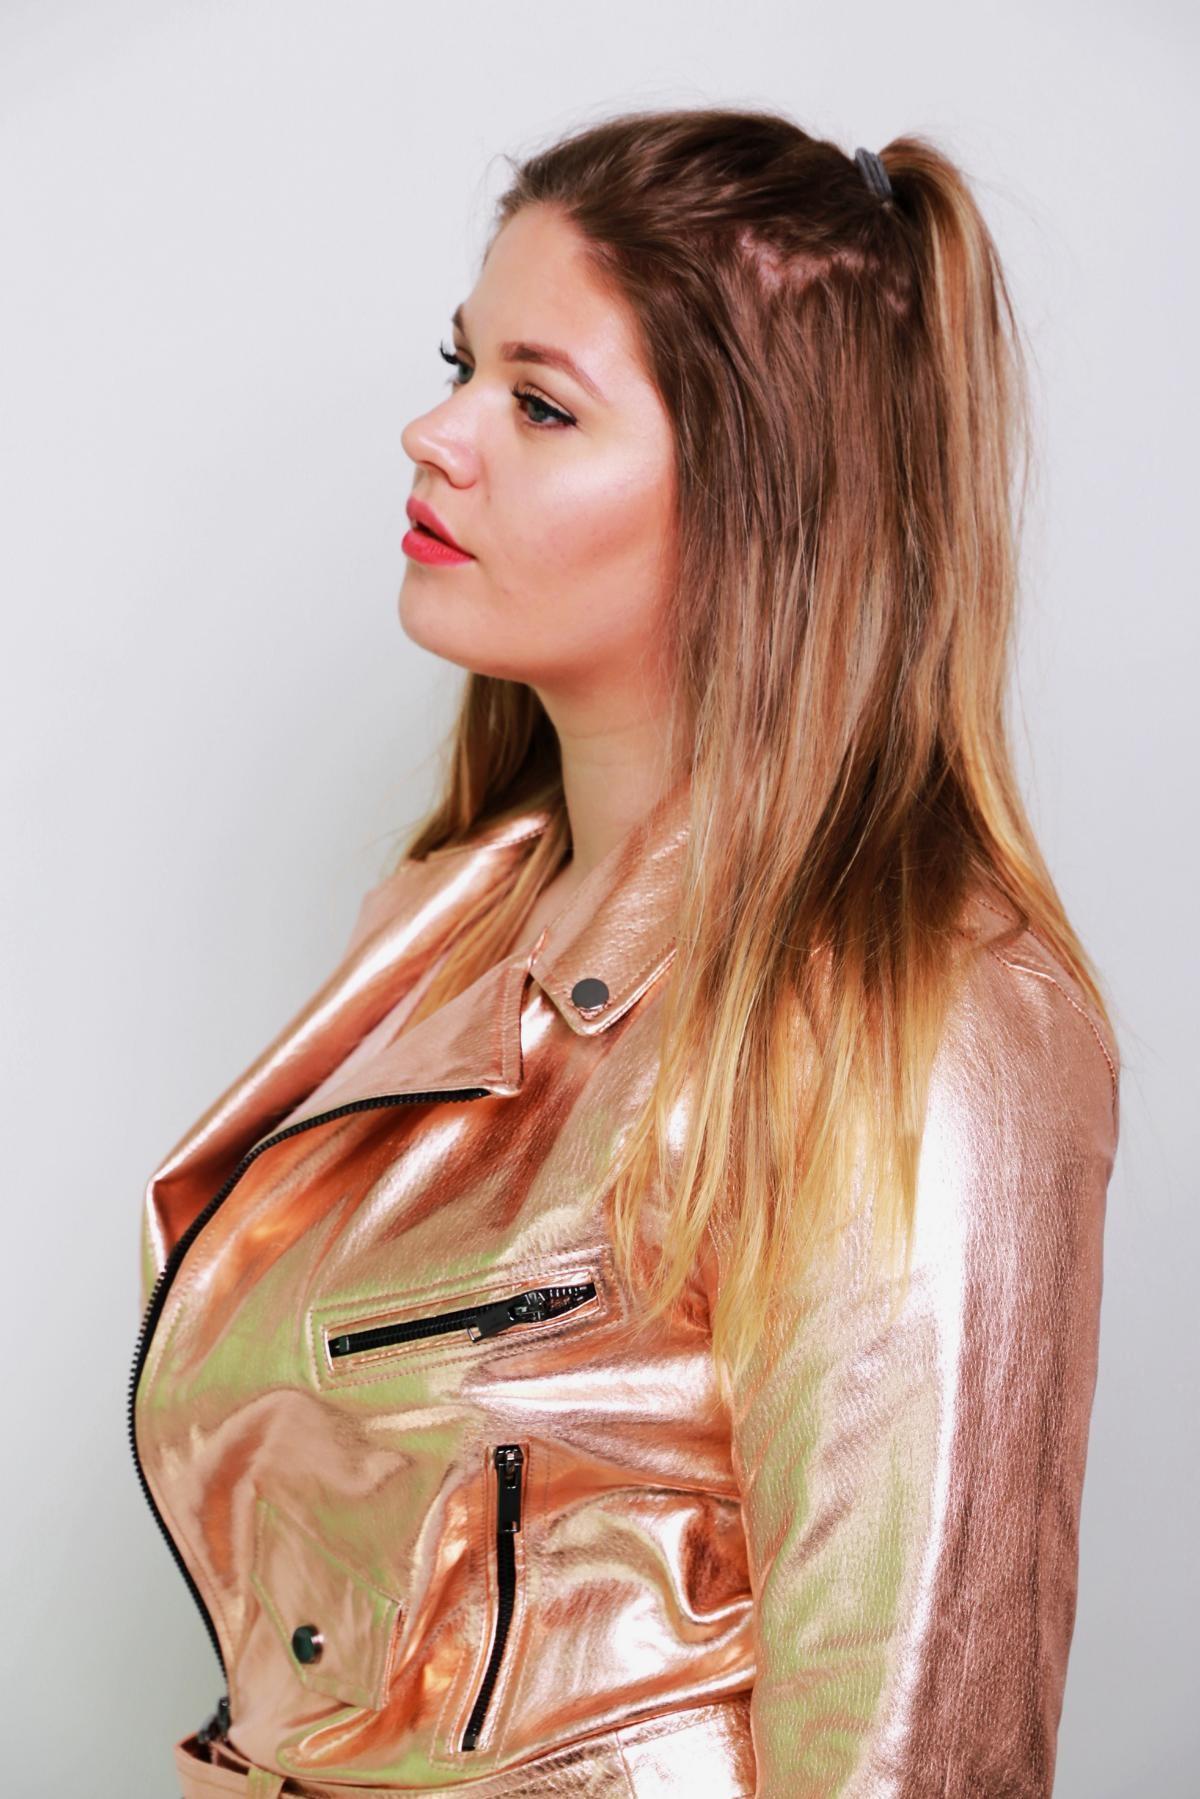 Bloggerin Louisa